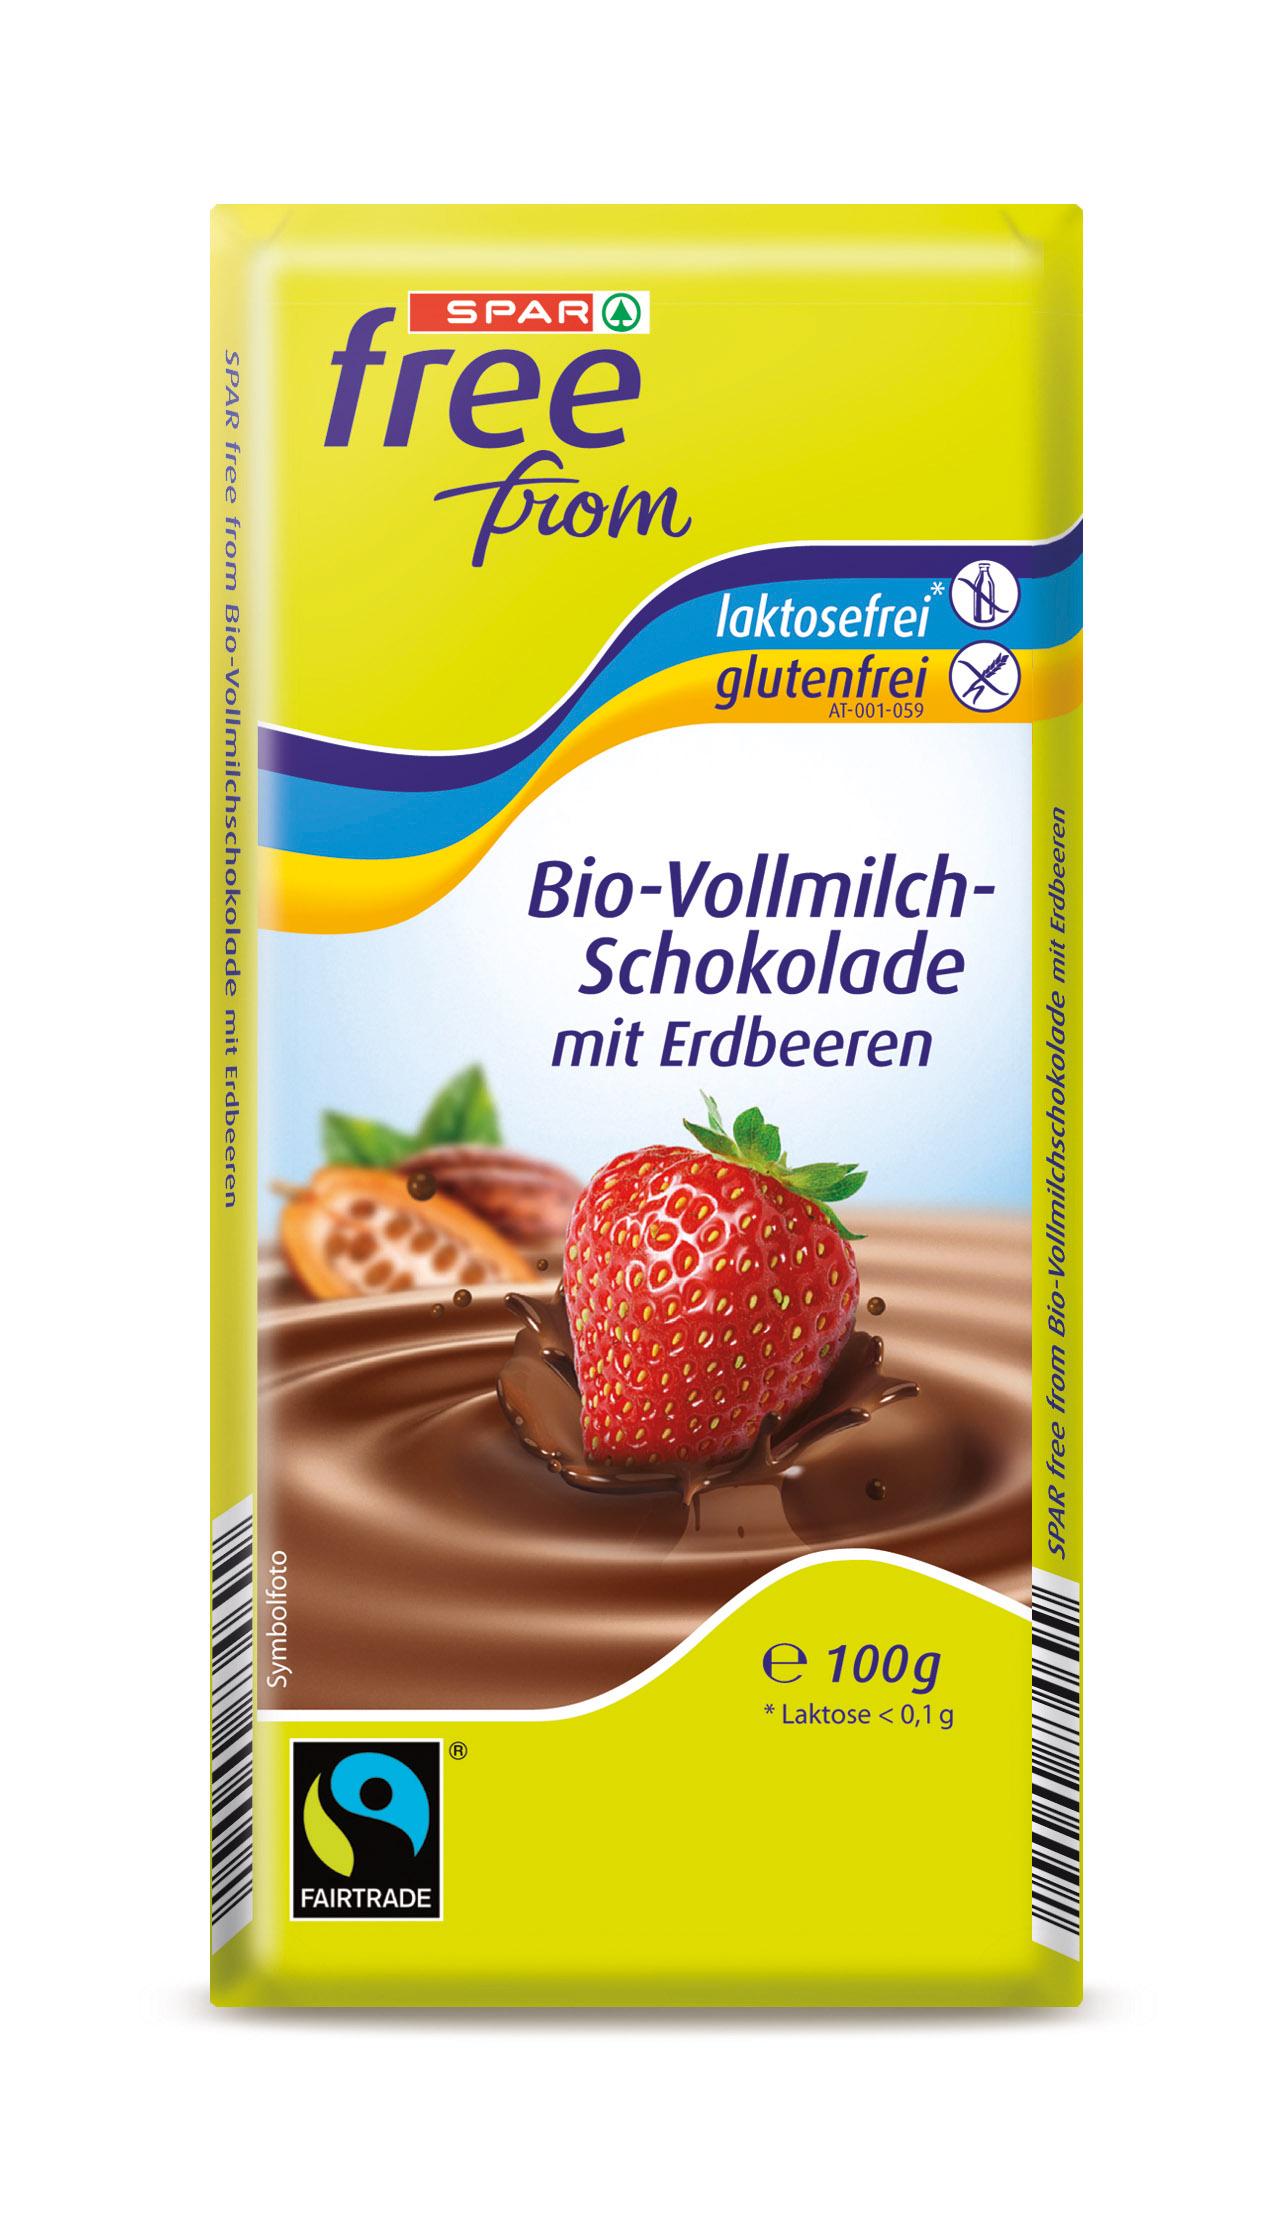 Vollmilch-Schokolade mit Erdbeeren